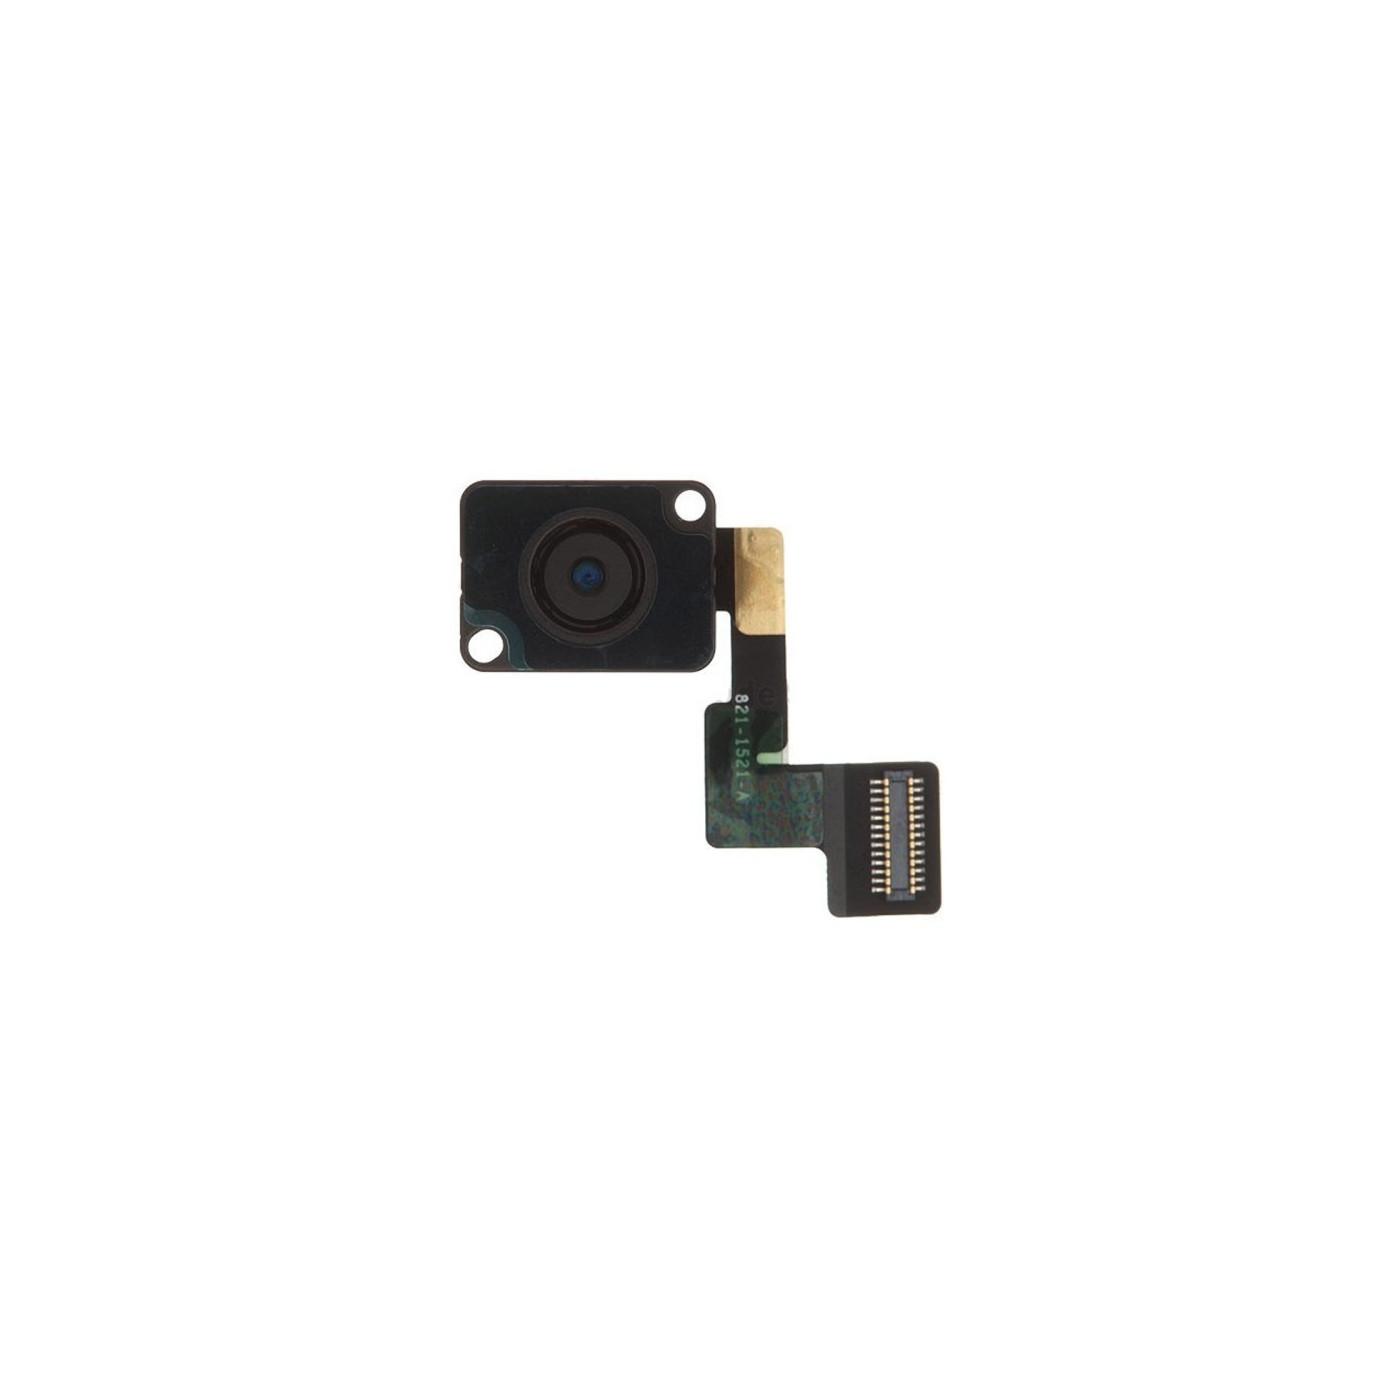 Caméra arrière pour iPad Air - Caméra rétro plat pour iPad 5